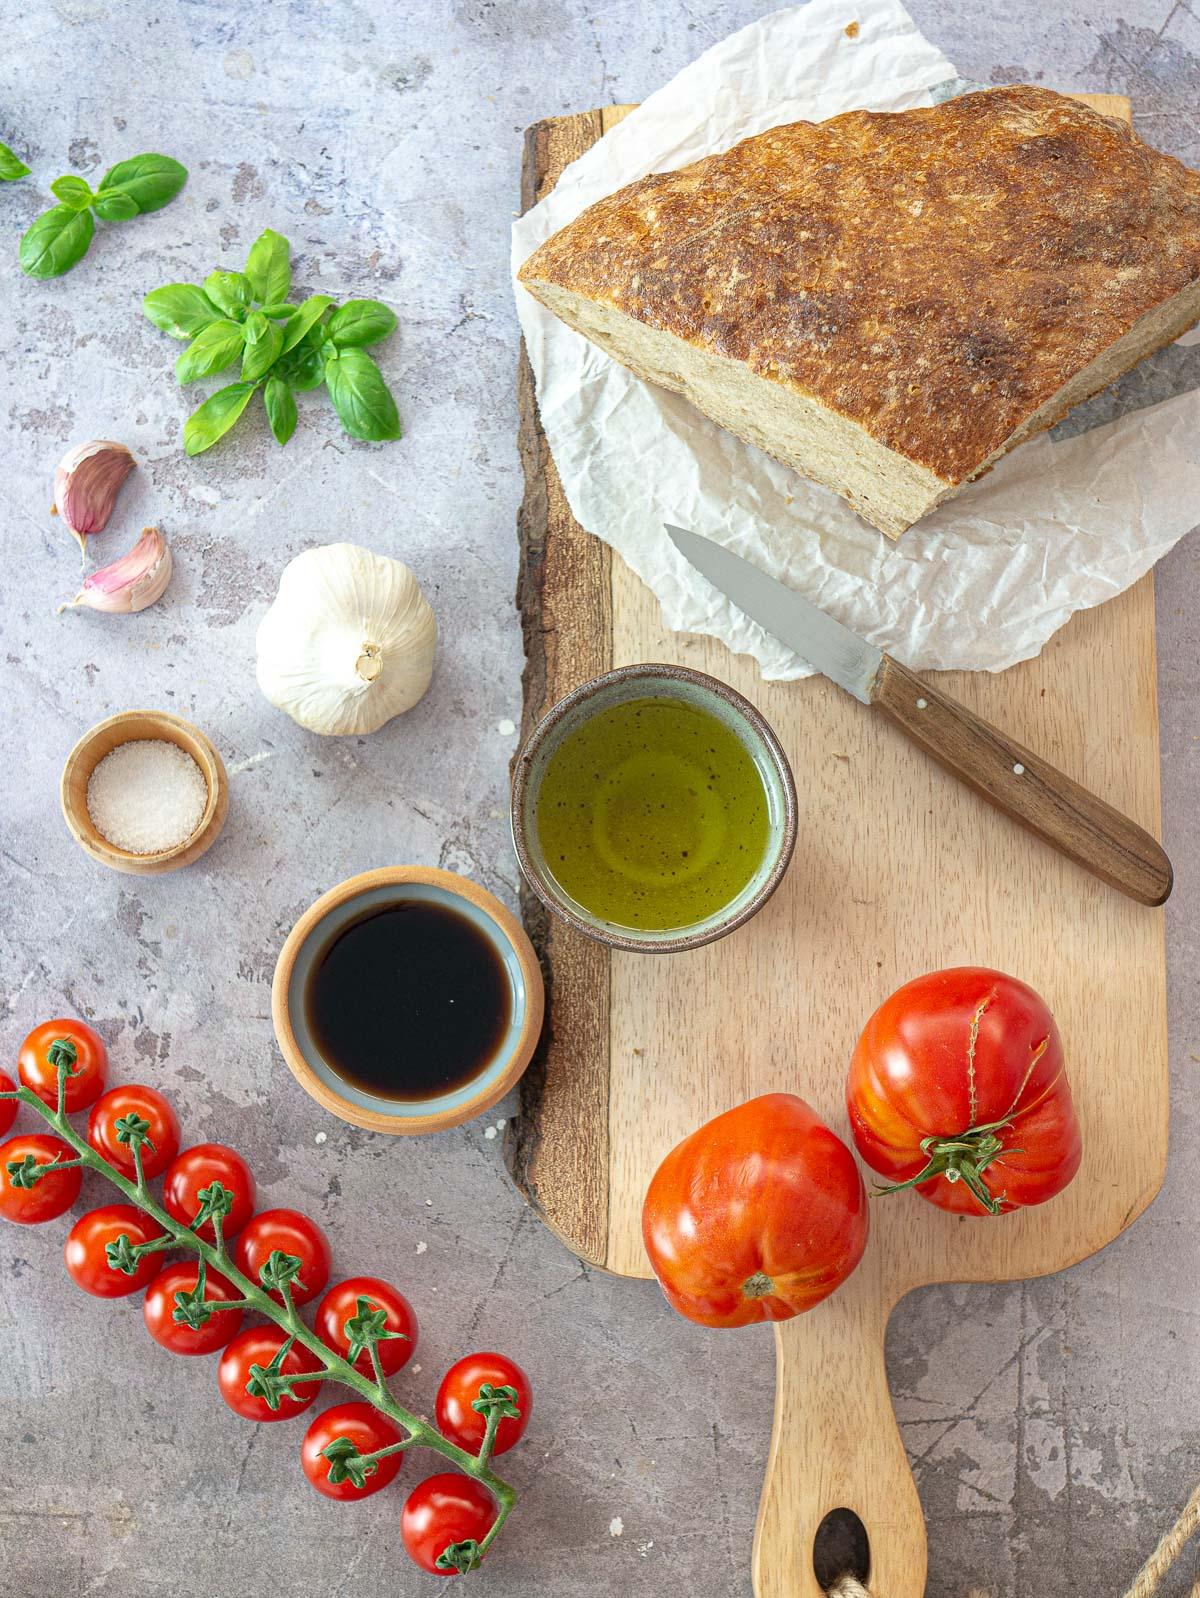 ingredients for bruschetta